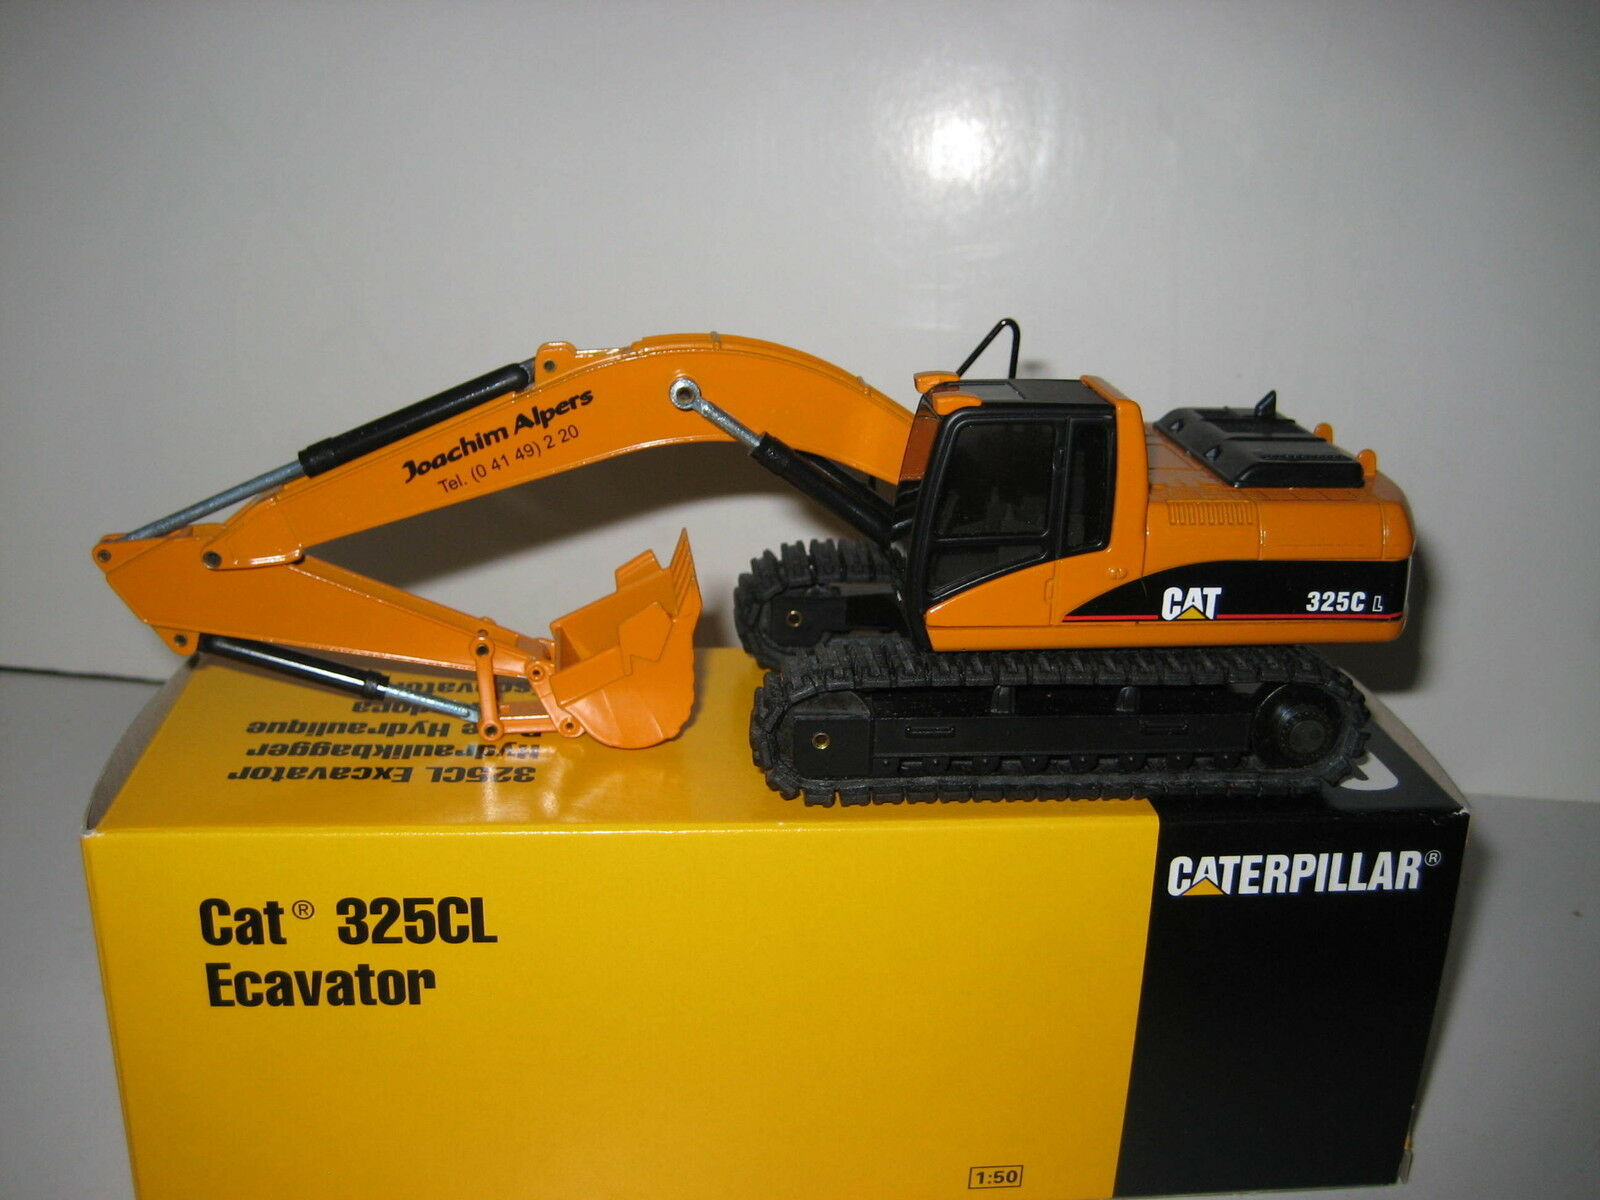 Caterpillar 325 CL Excavator Deep Spoon Alpers  515 NZG 1 50 OVP